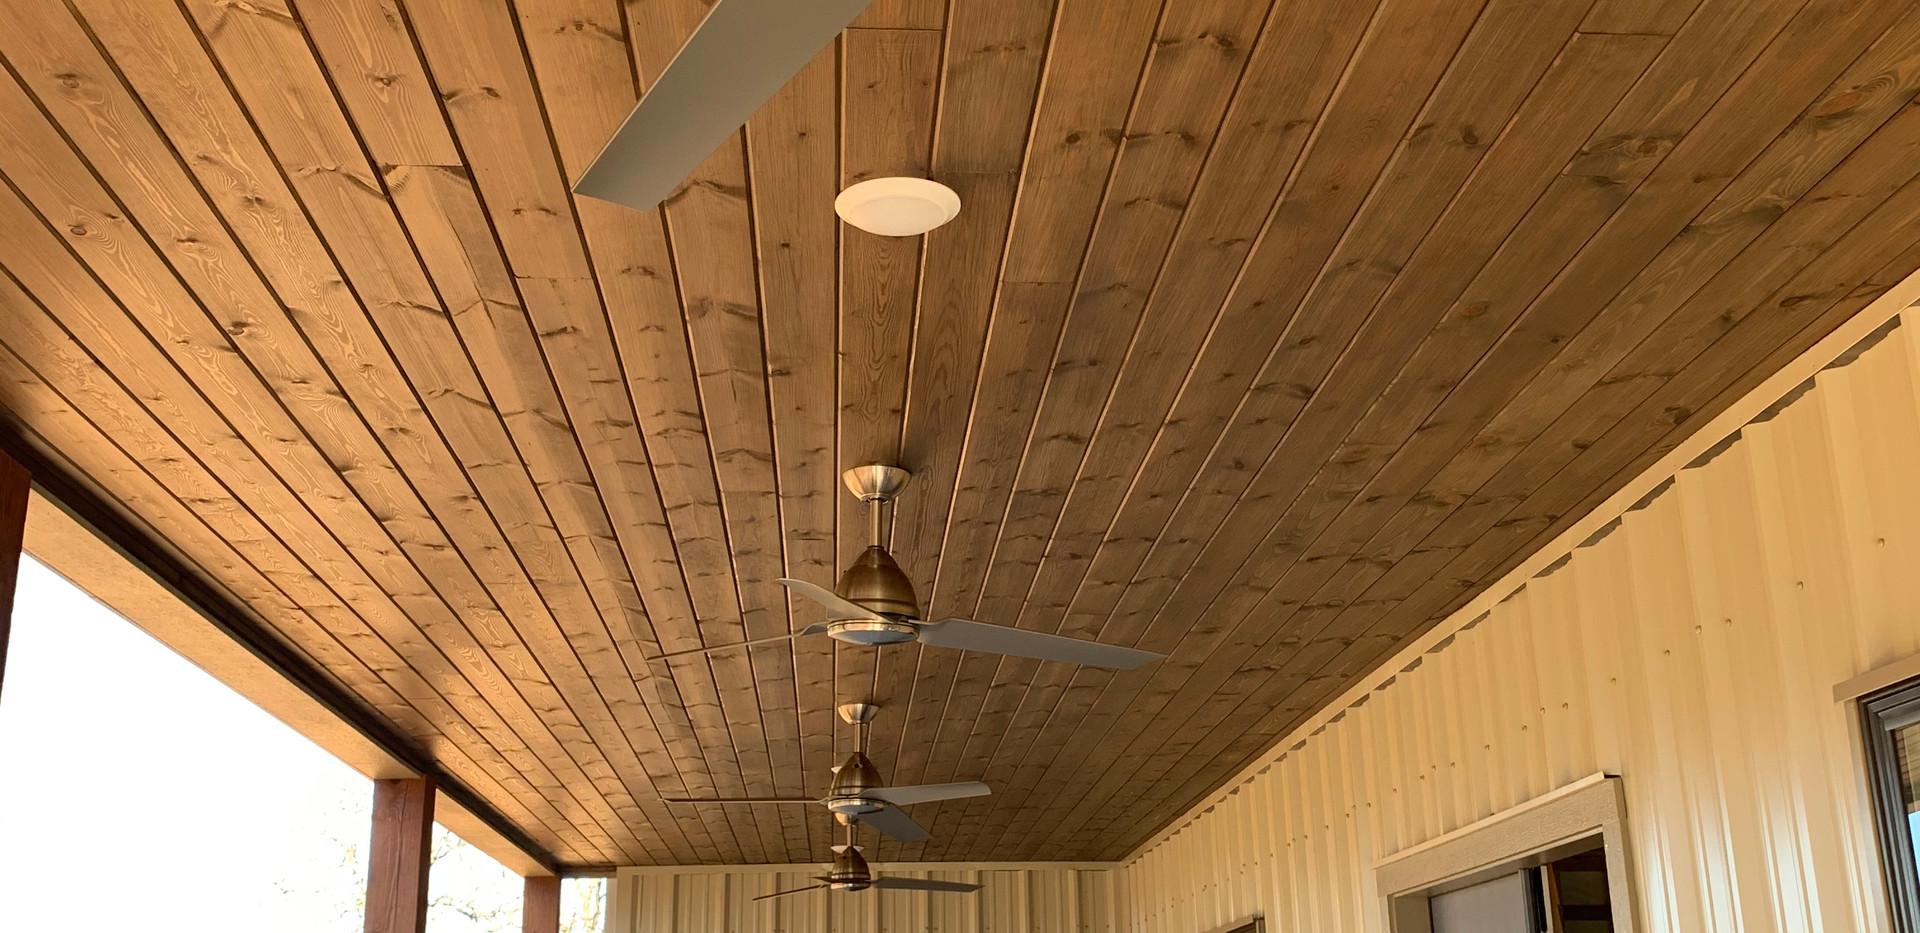 T&G wood ceiling